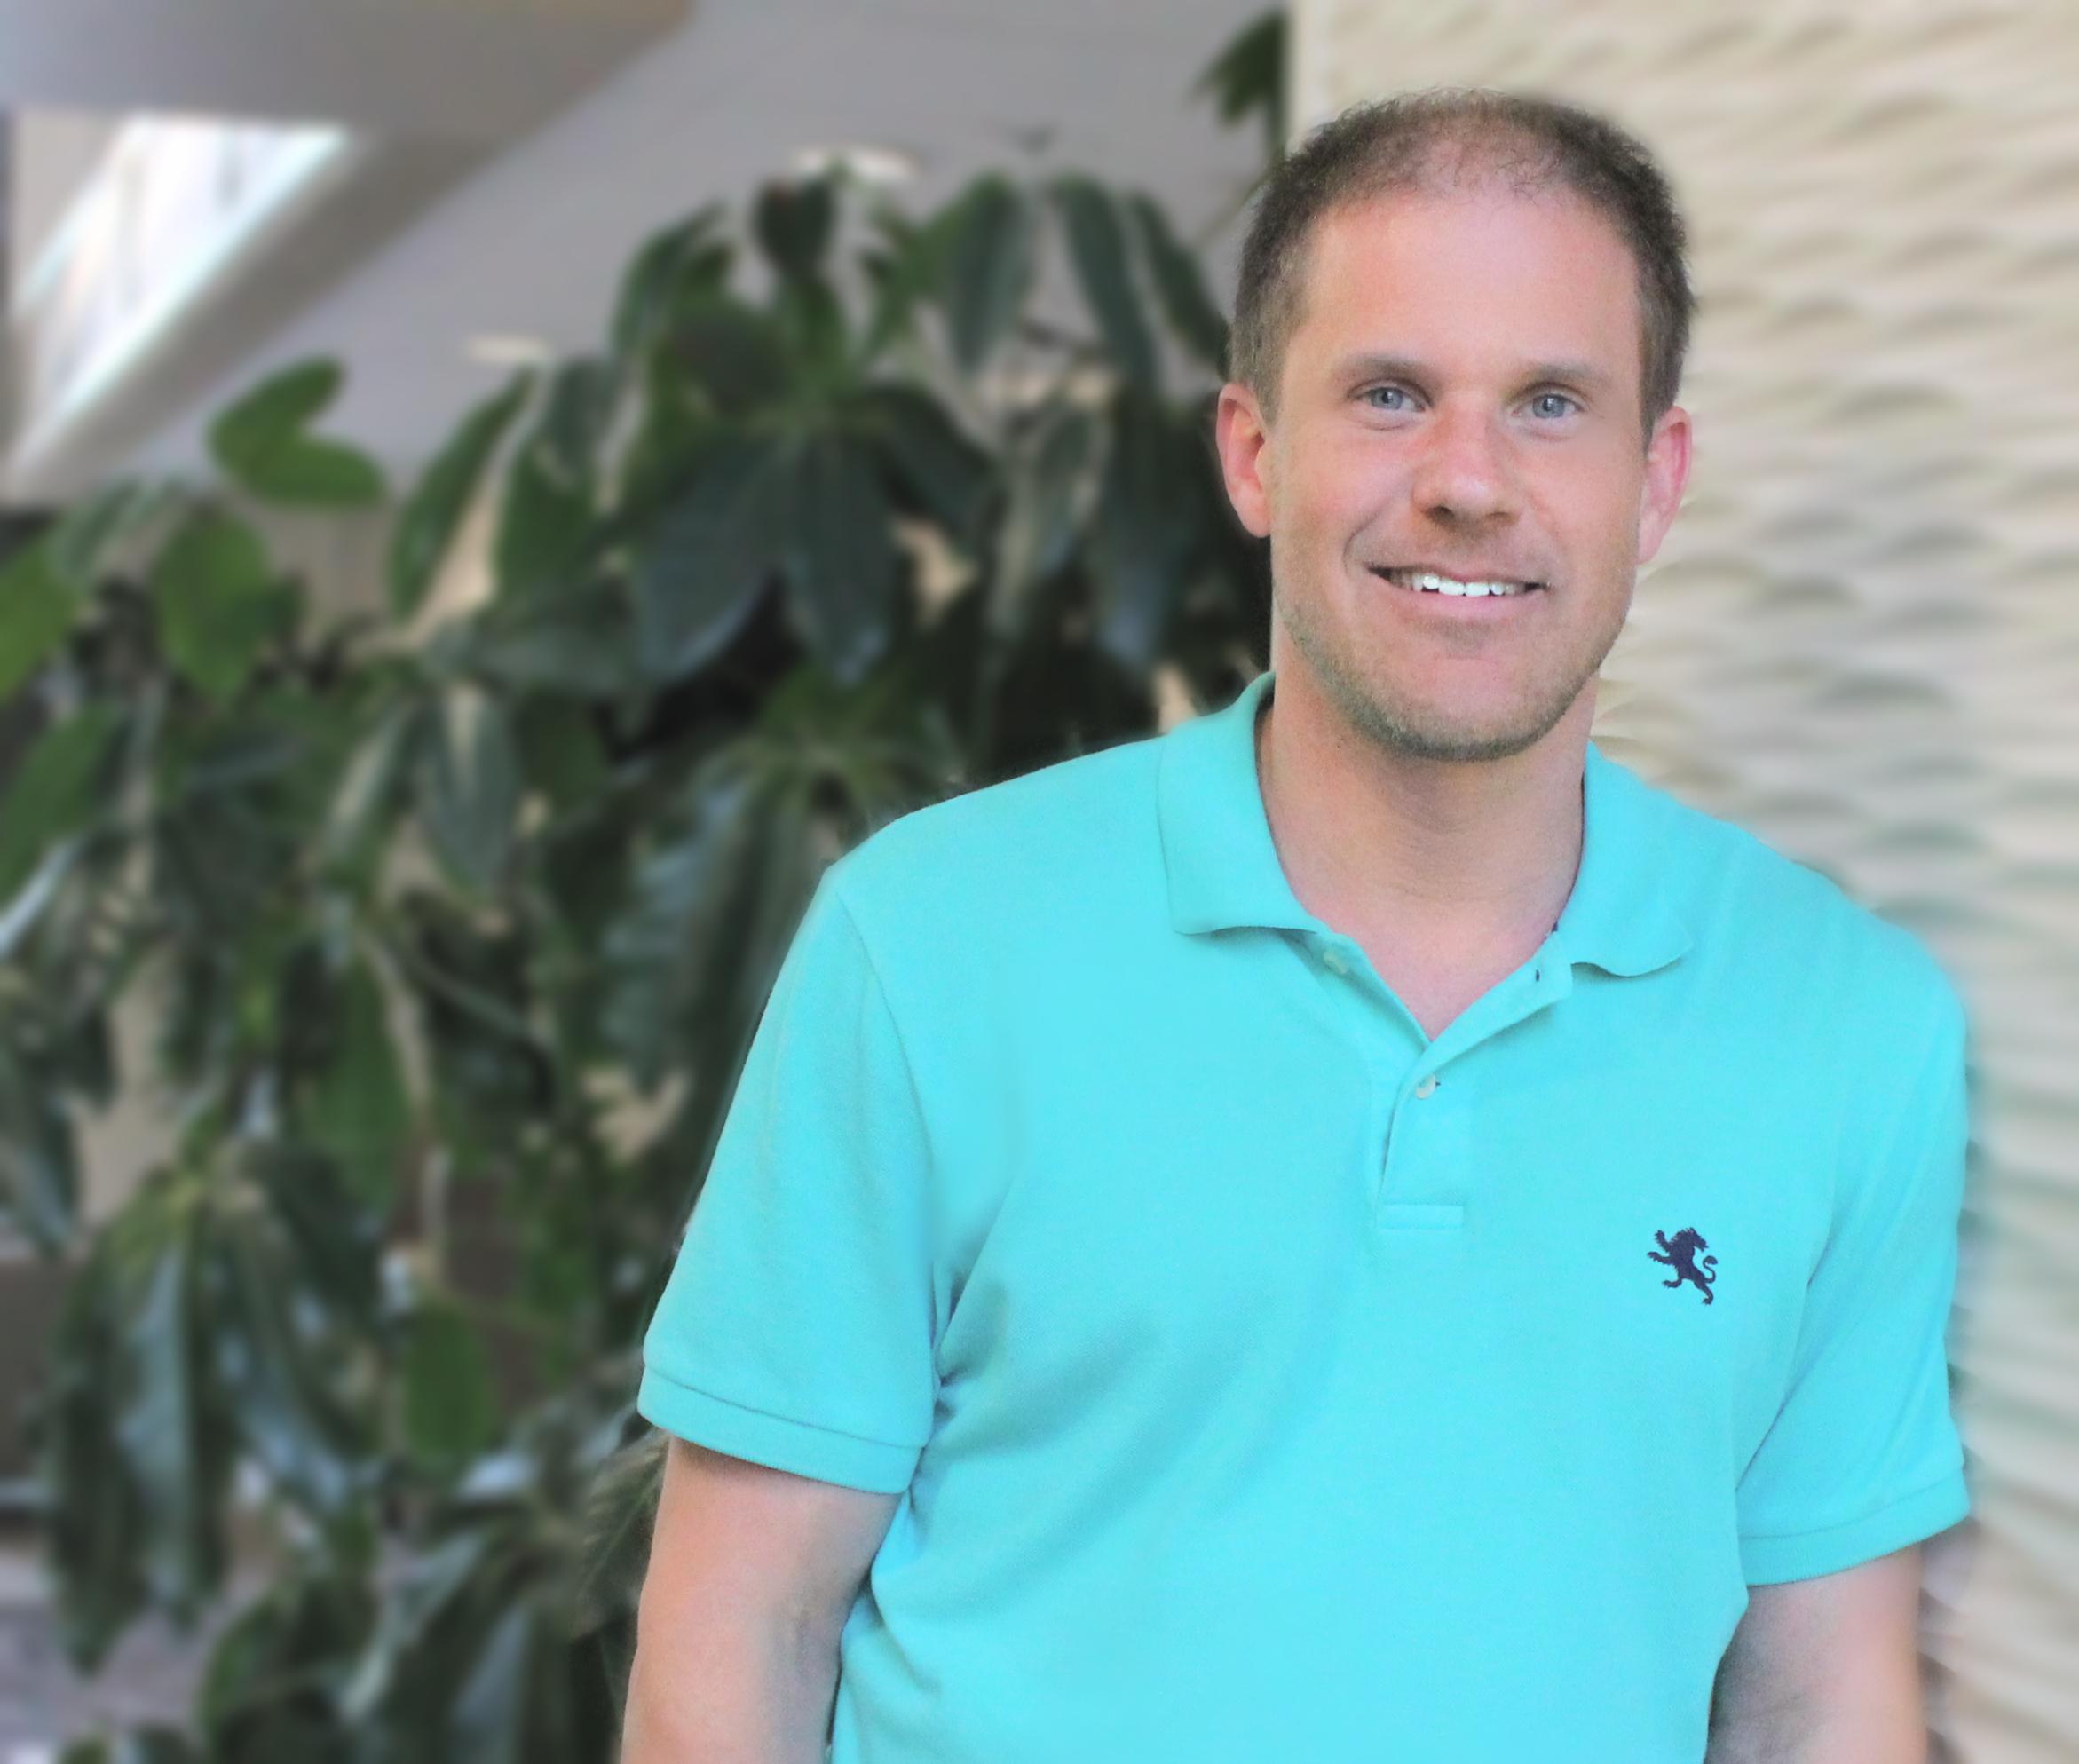 Brad Beleski